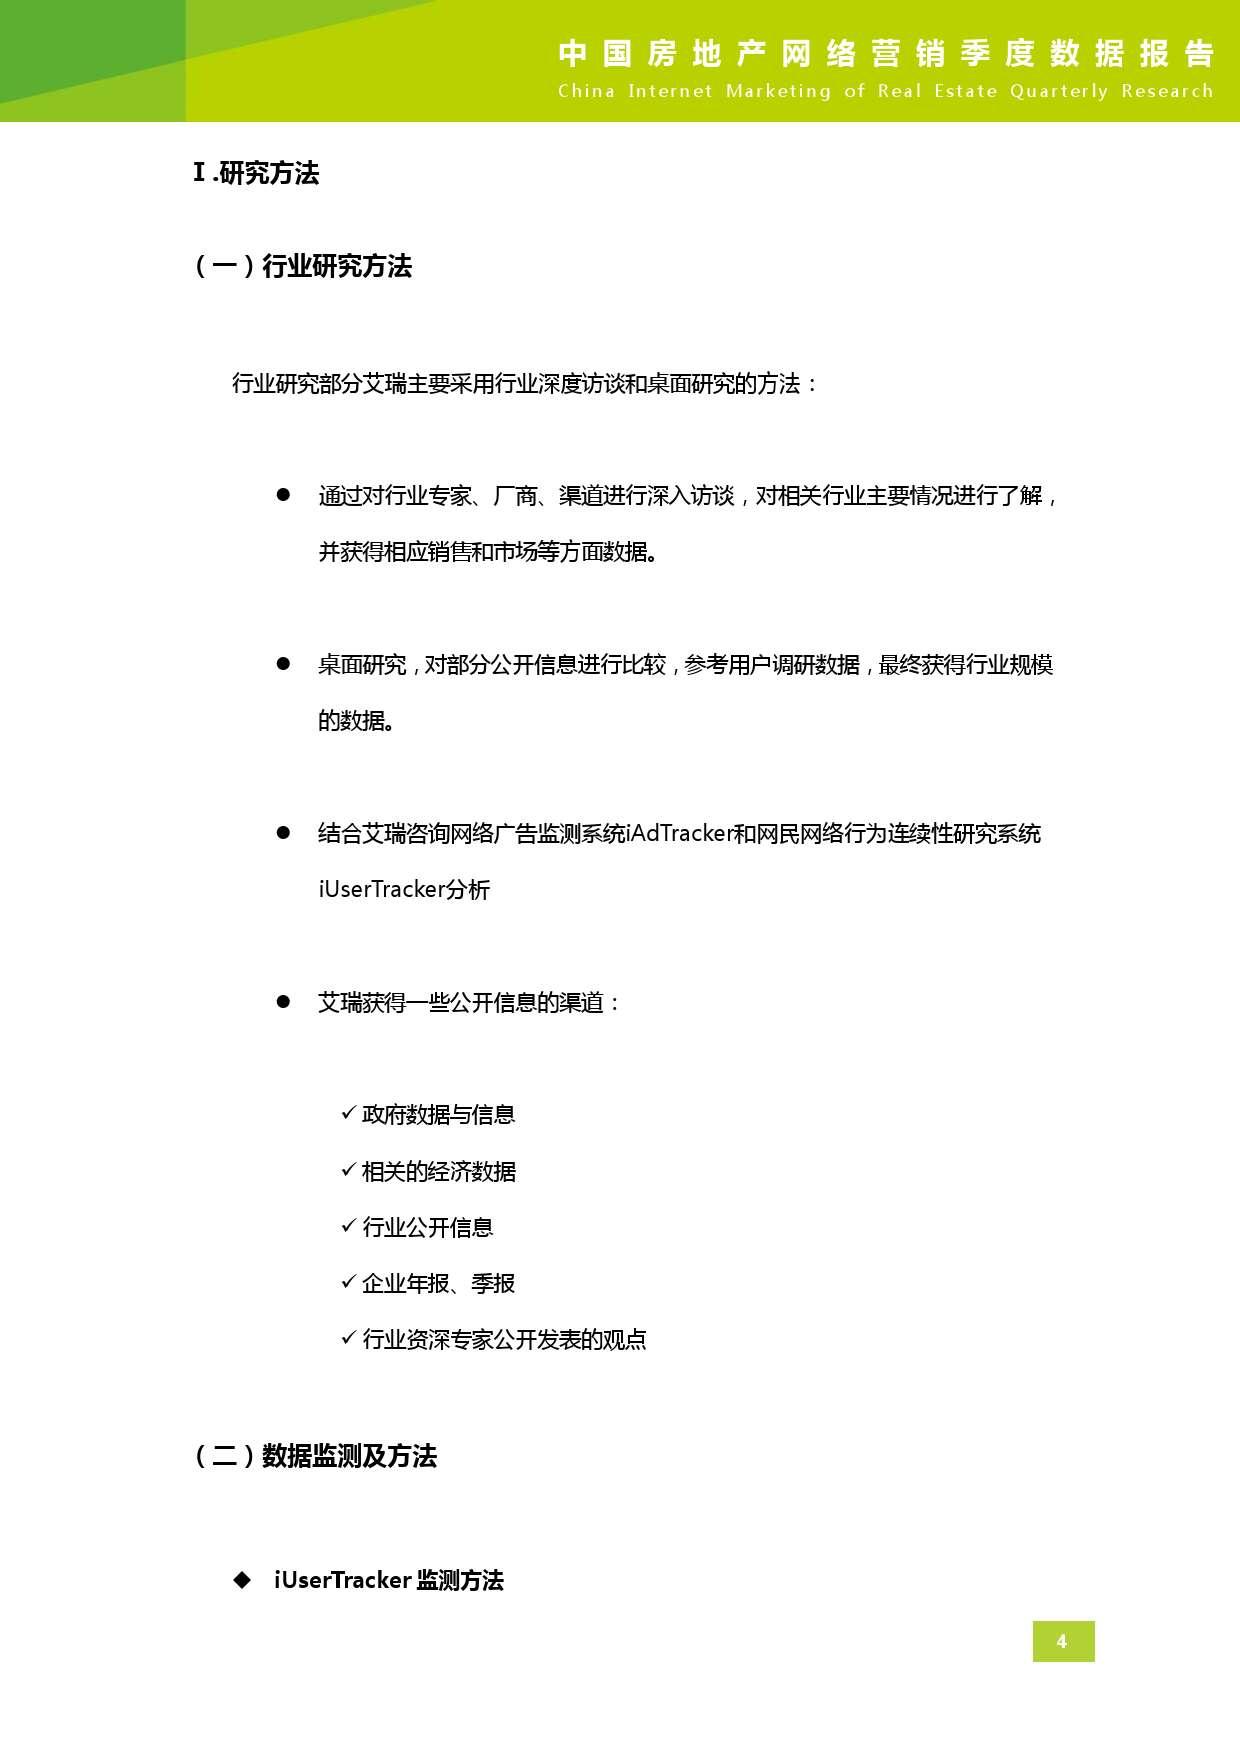 2015年Q3中国房地产网络营销季度数据报告_000005